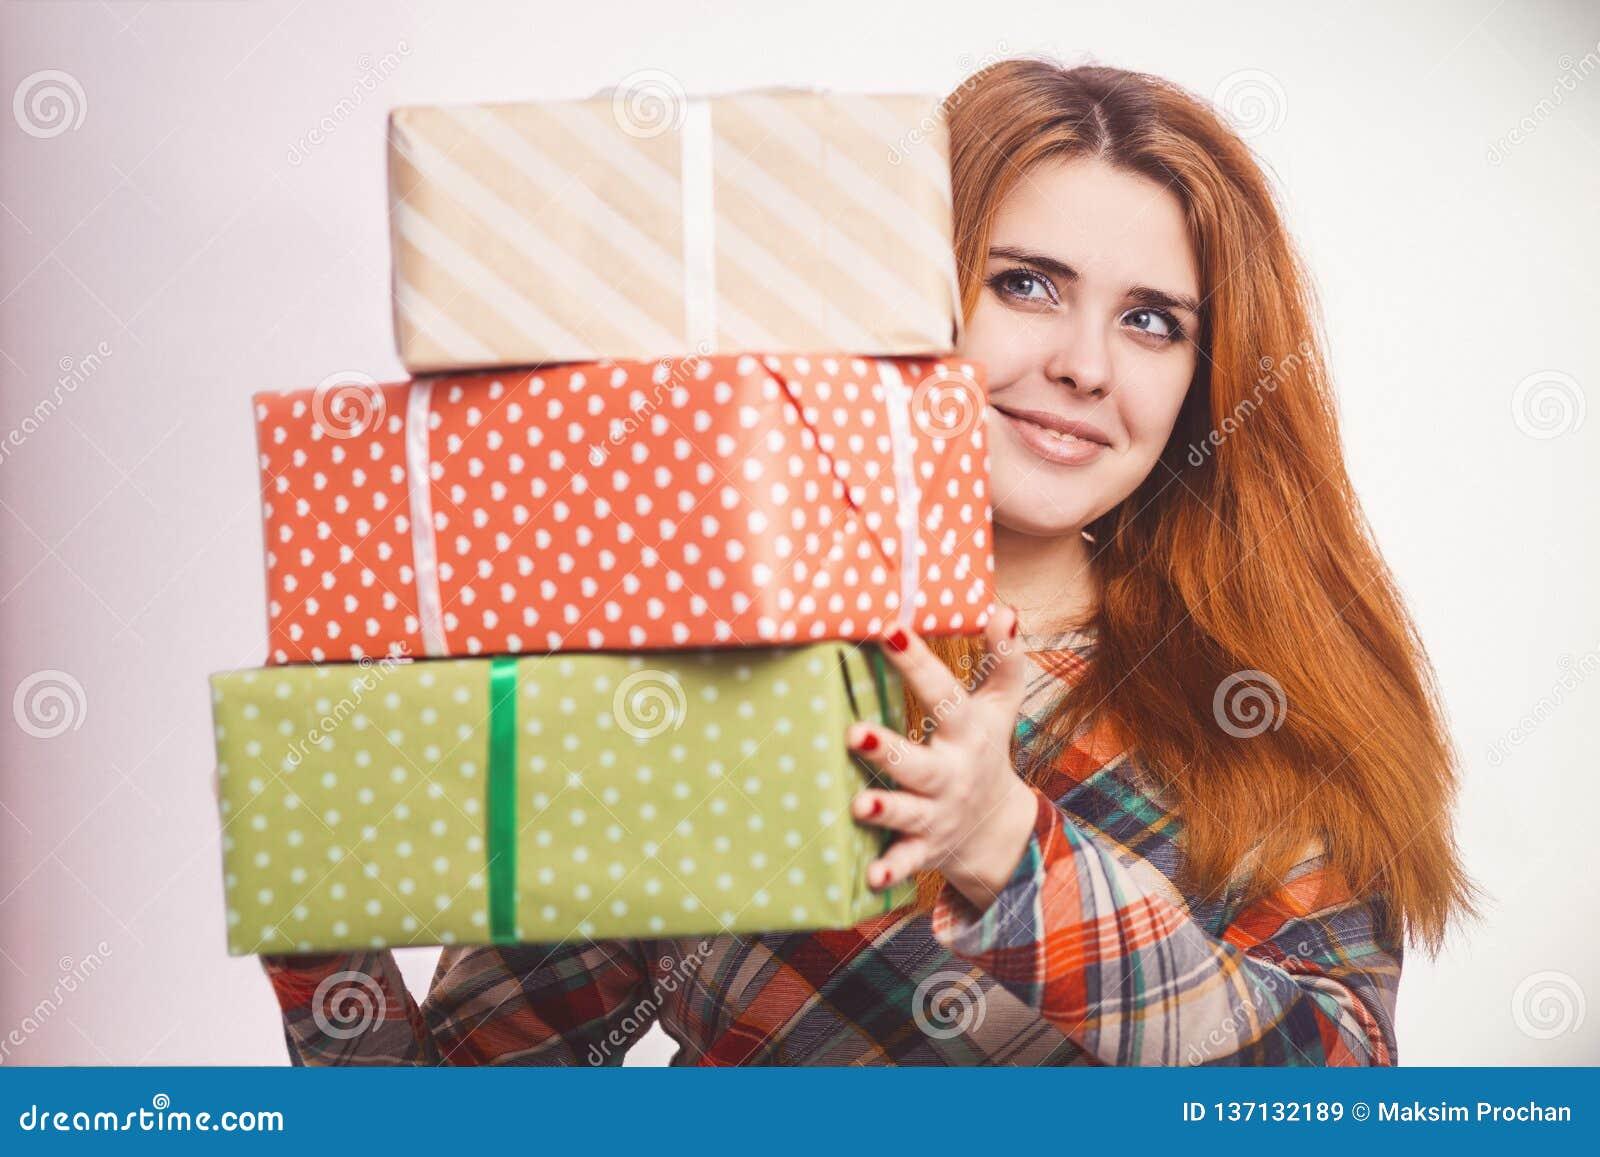 Muchacha feliz con las porciones de regalos en manos, de una mujer joven que sostiene una pila de cajas envueltas en papel decora